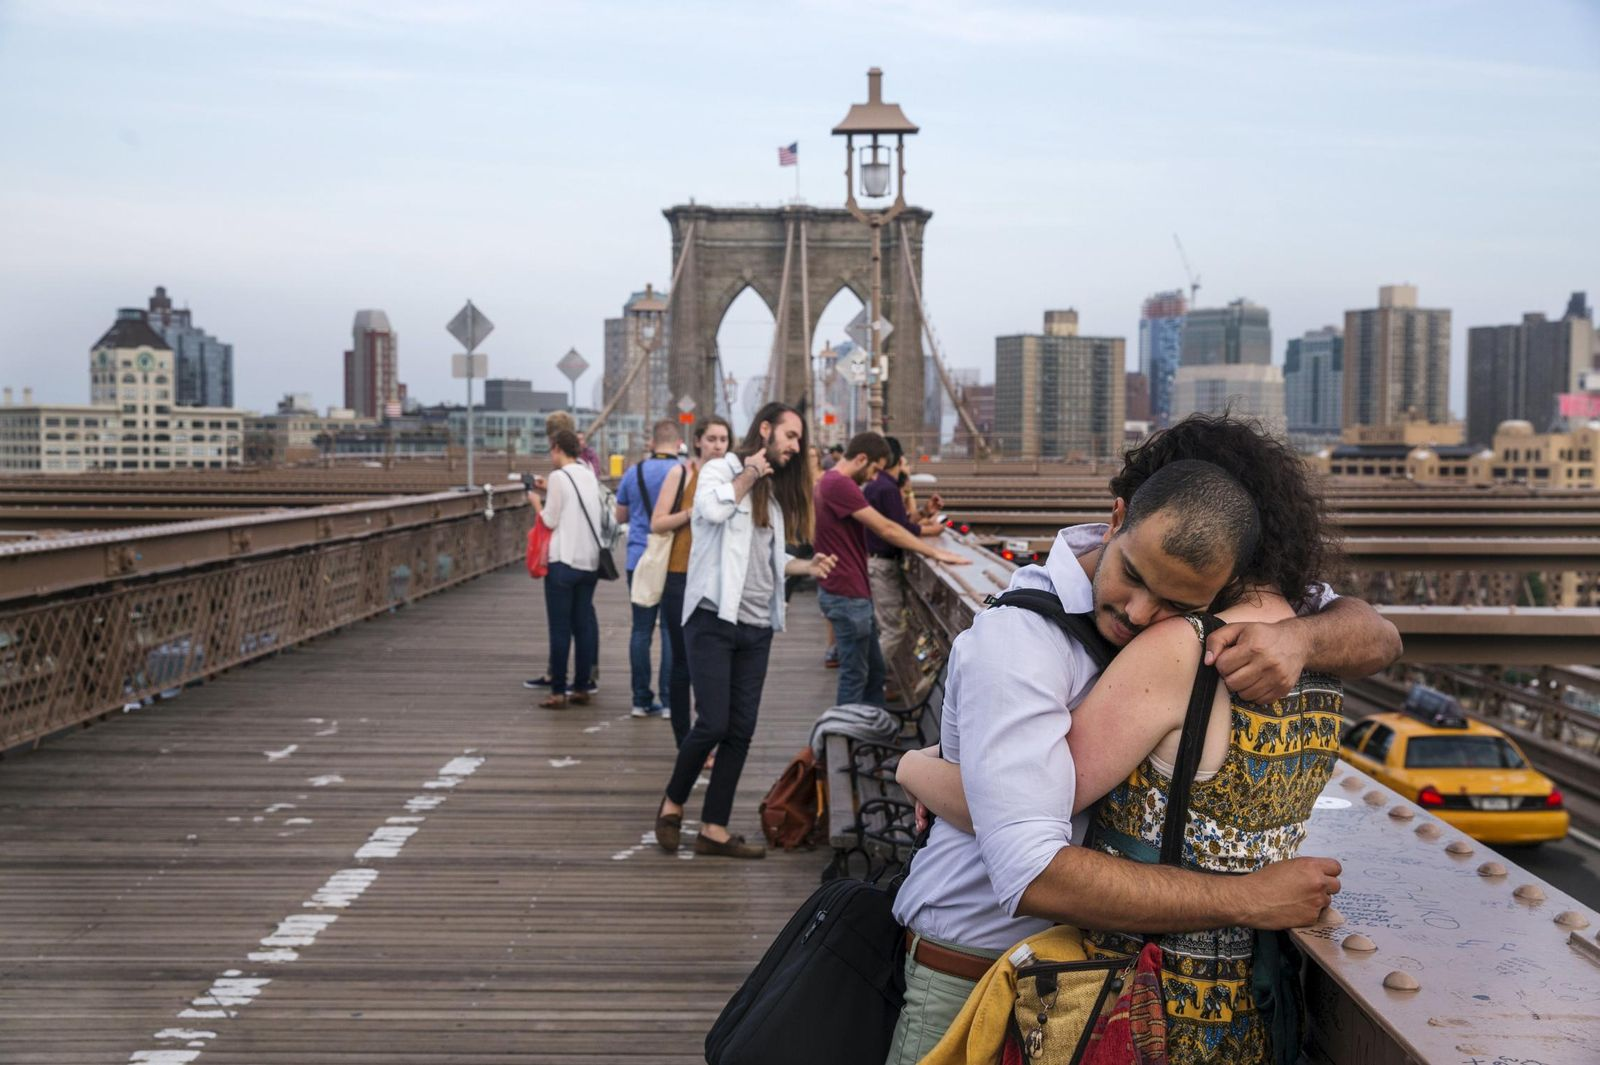 Foto: Una pareja se abraza sobre el Puente de Brooklyn poco antes del anochecer, en Nueva York, el 8 de junio de 2015 (Reuters).